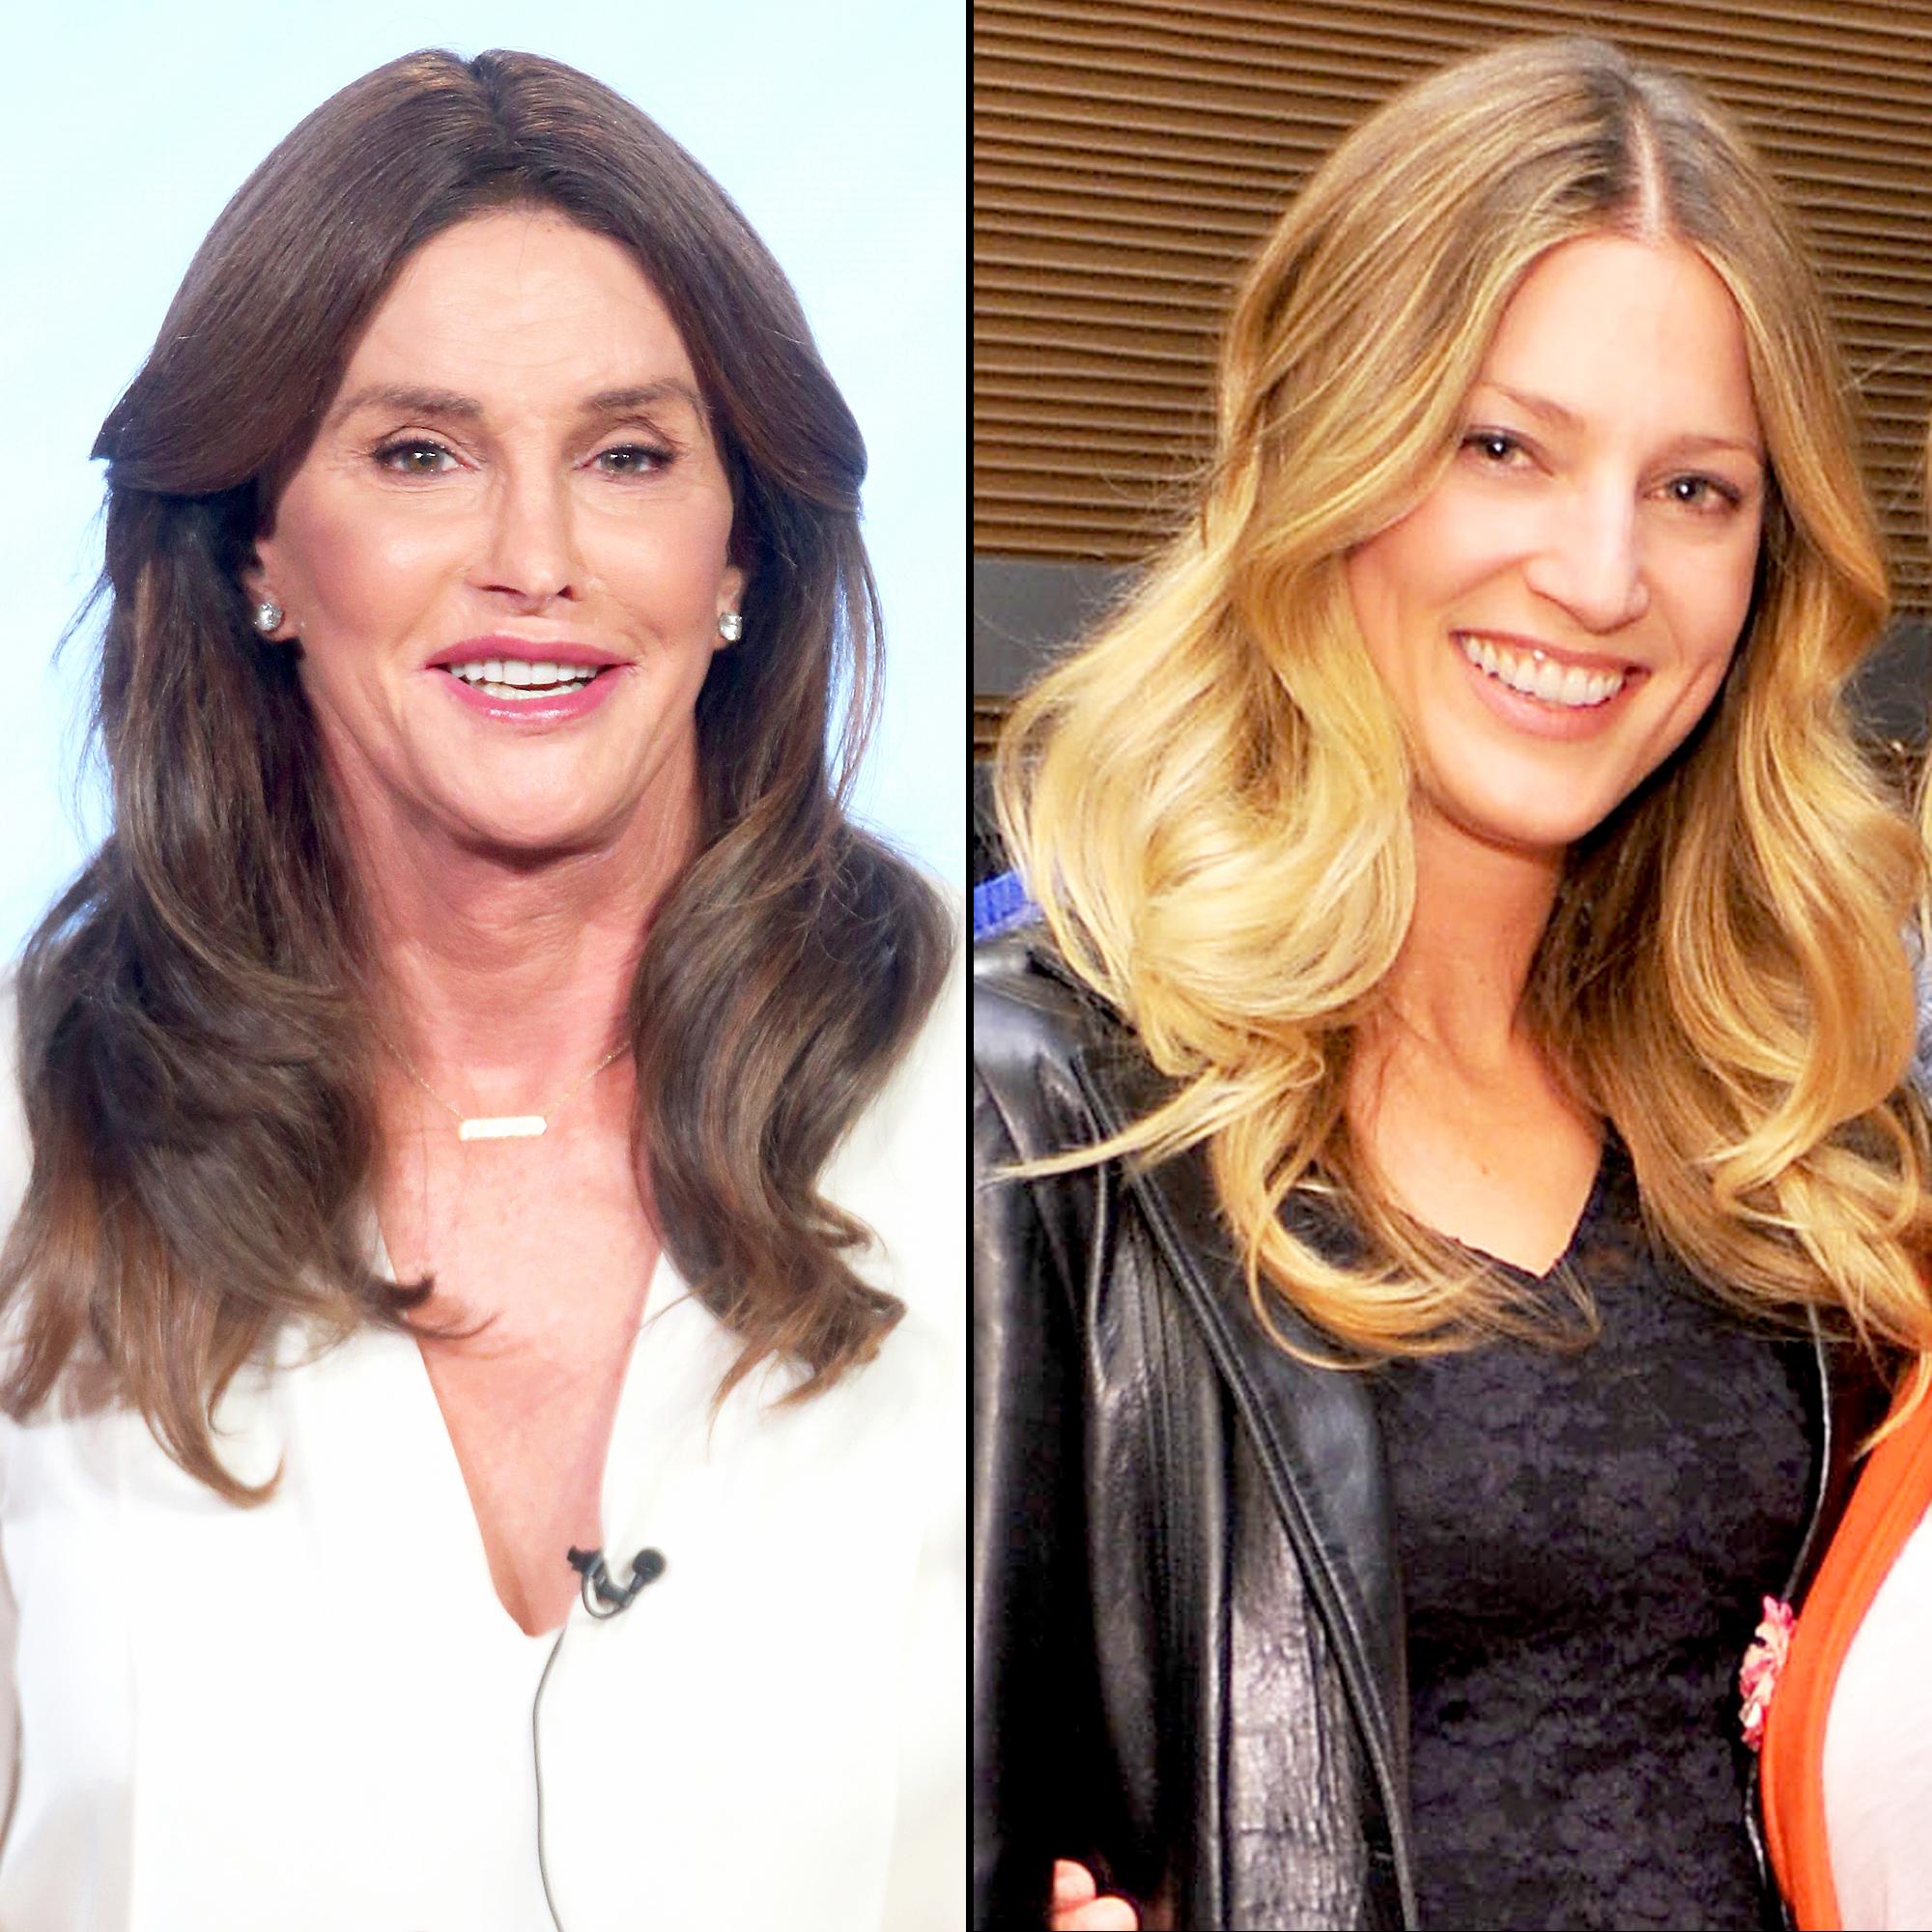 Caitlyn Jenner and Cassandra Marino